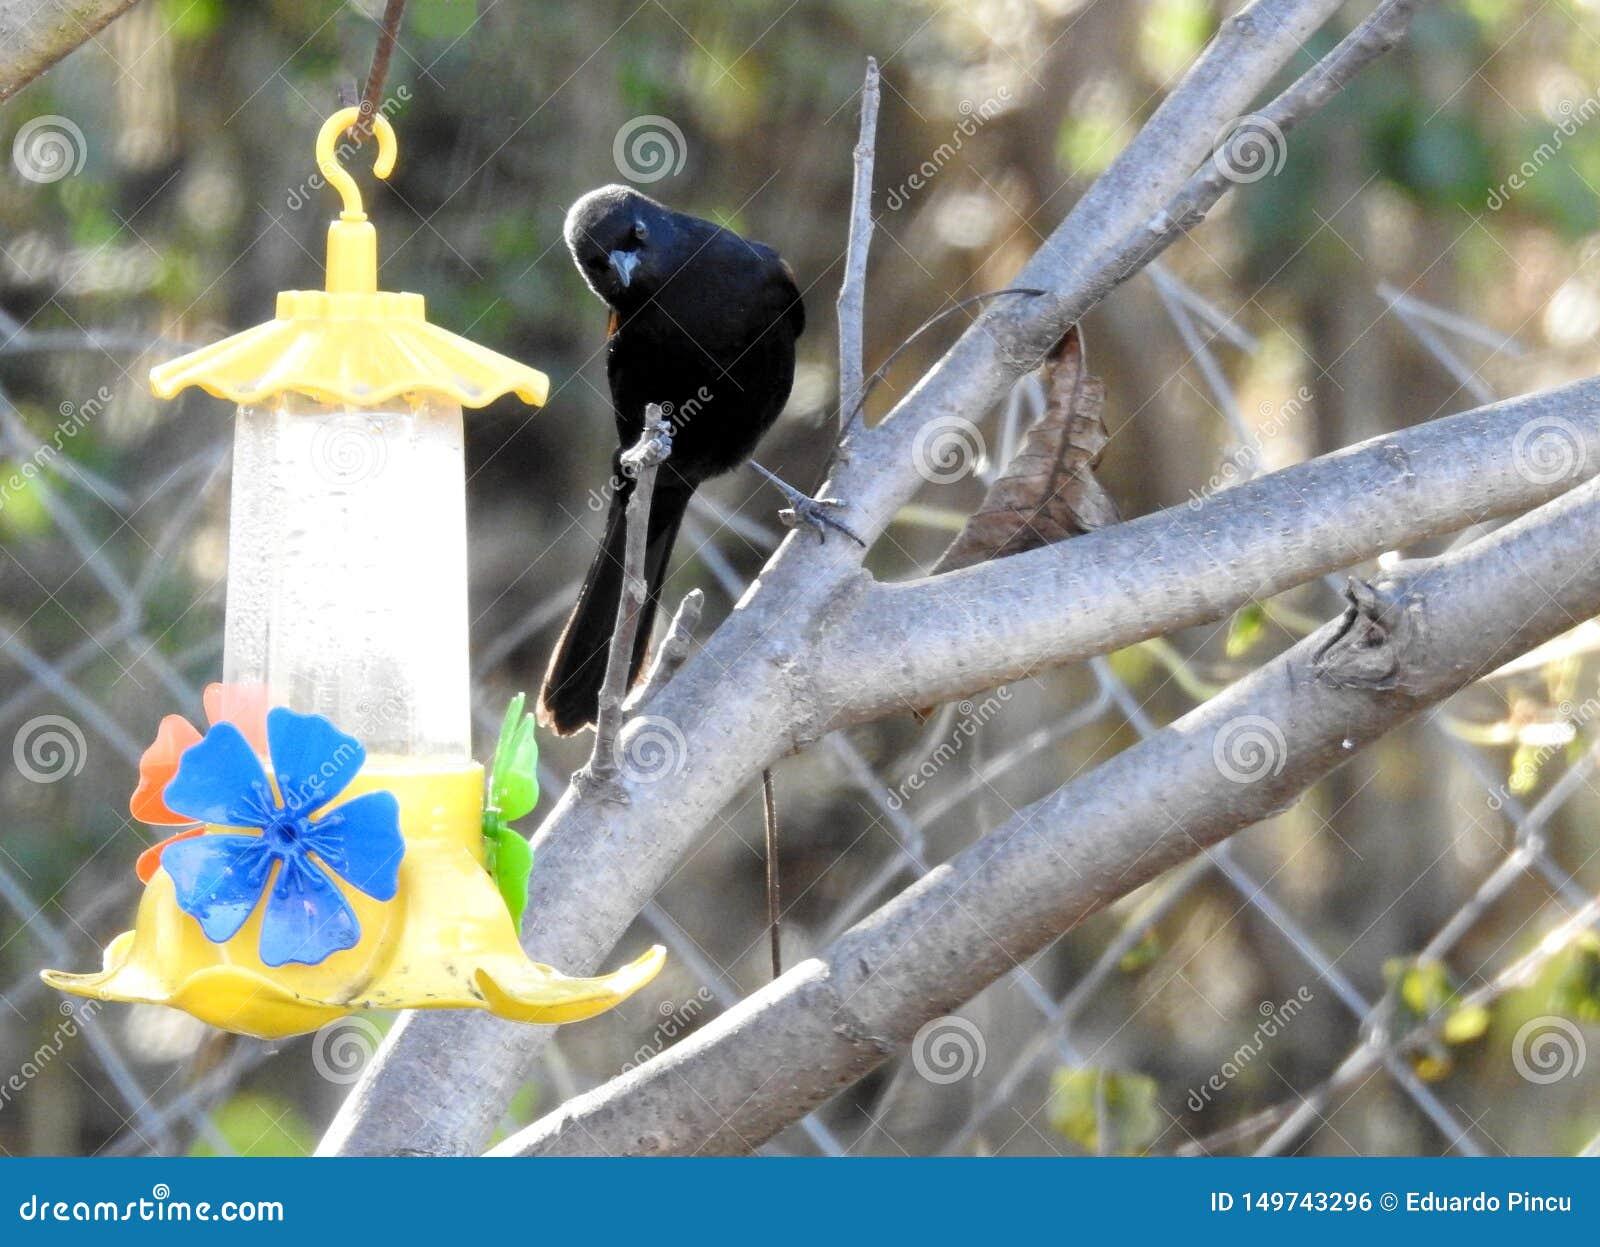 Vogelbeobachtungswasserbrunnen